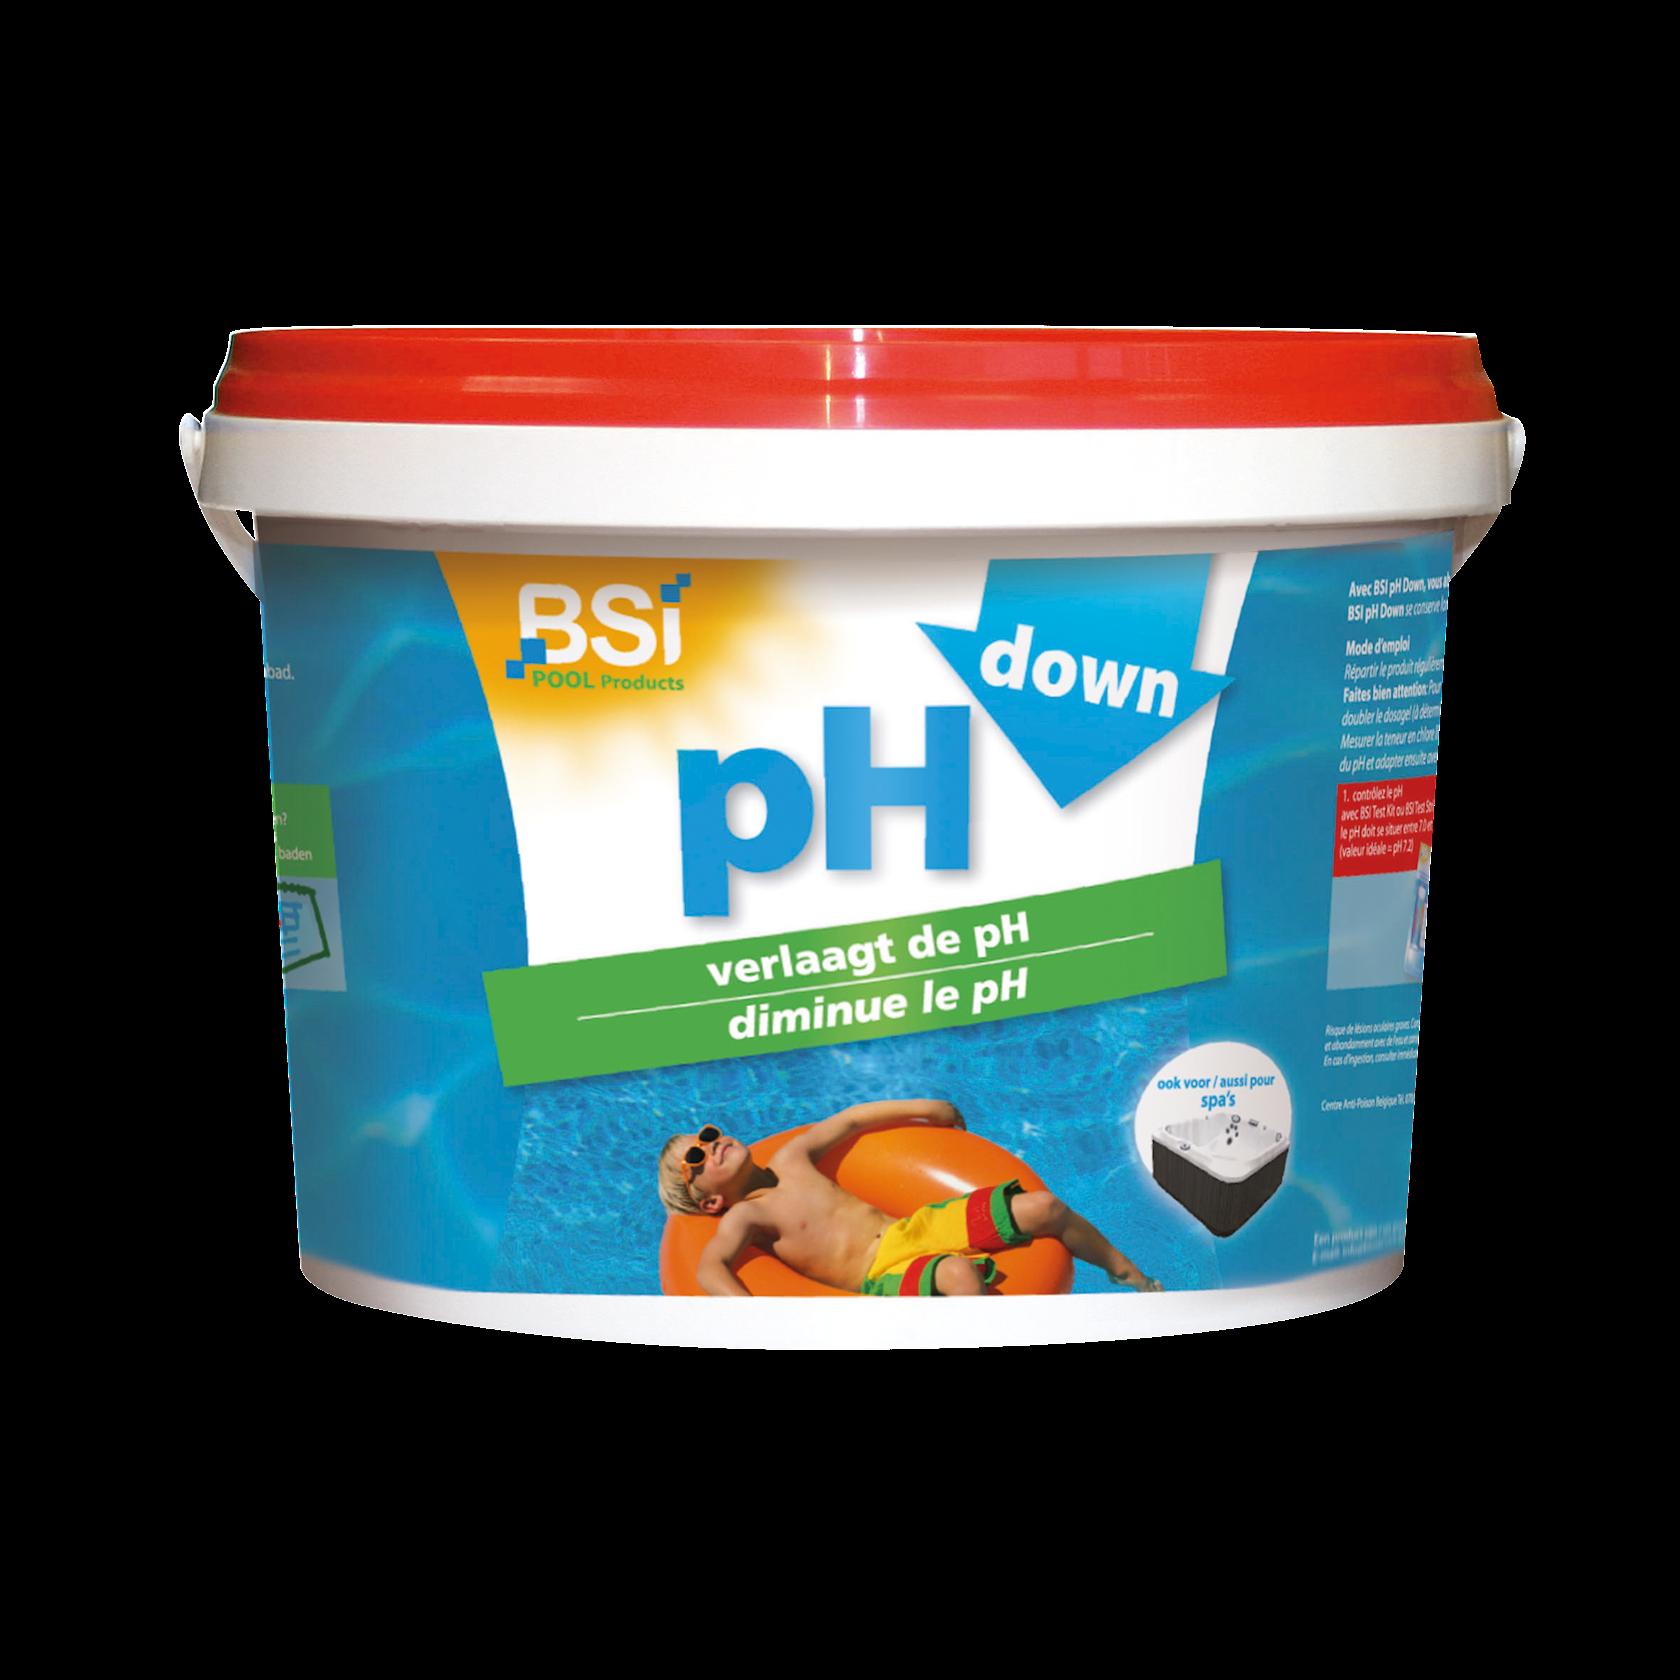 pH down poeder 5kg: verlaagt de pH-waarde van zwembad of spa